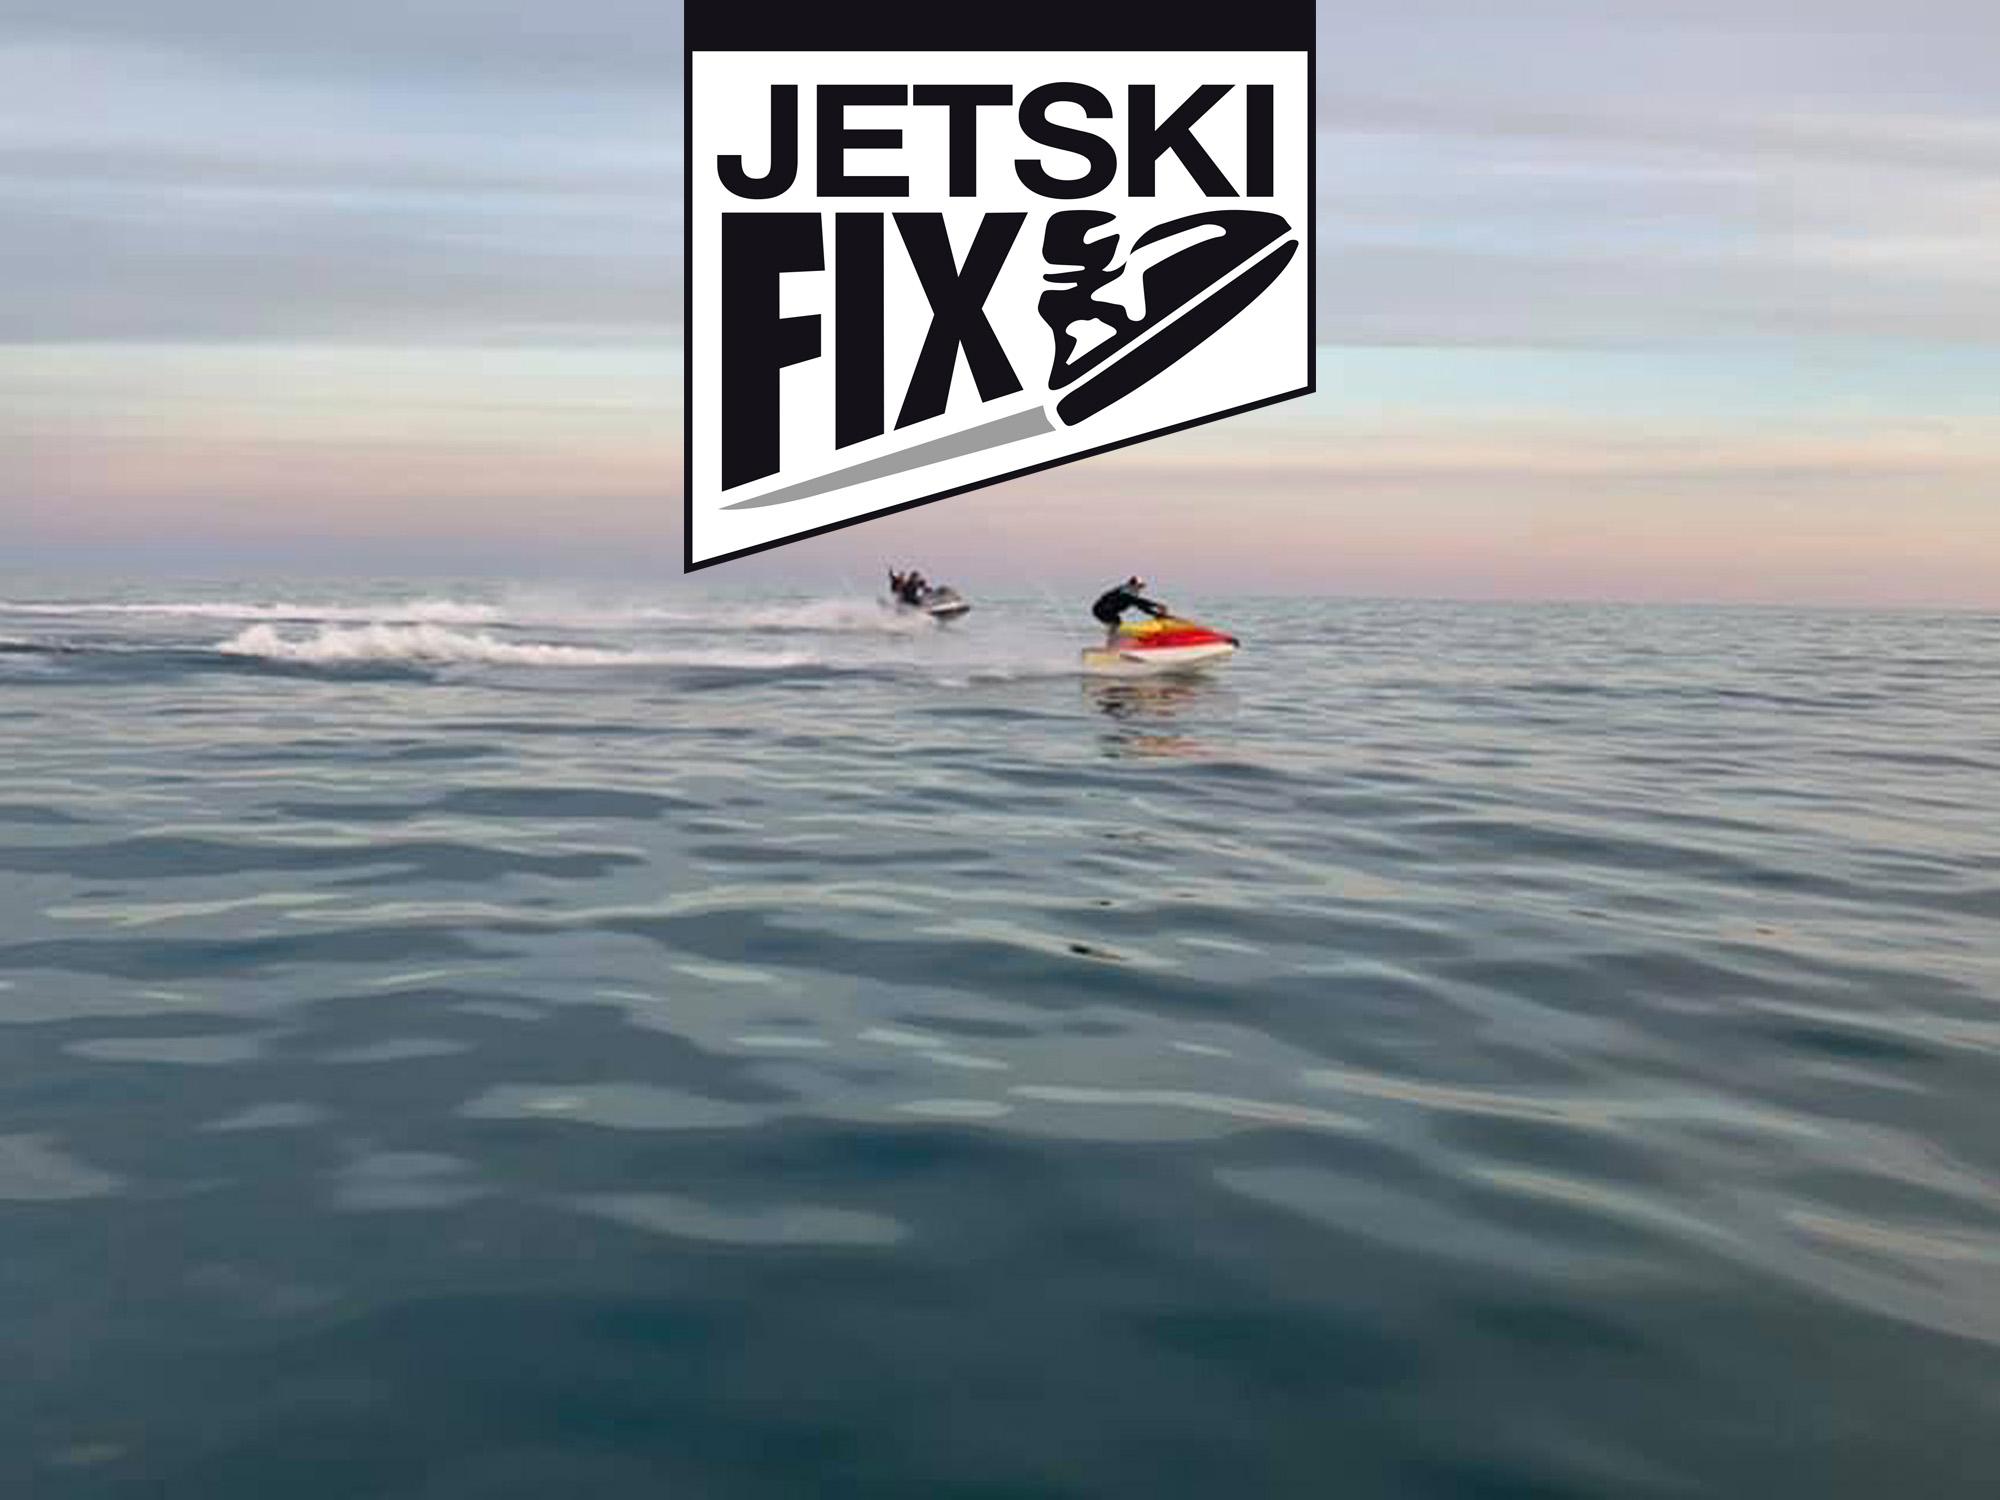 Jetskifix sandbanks chase